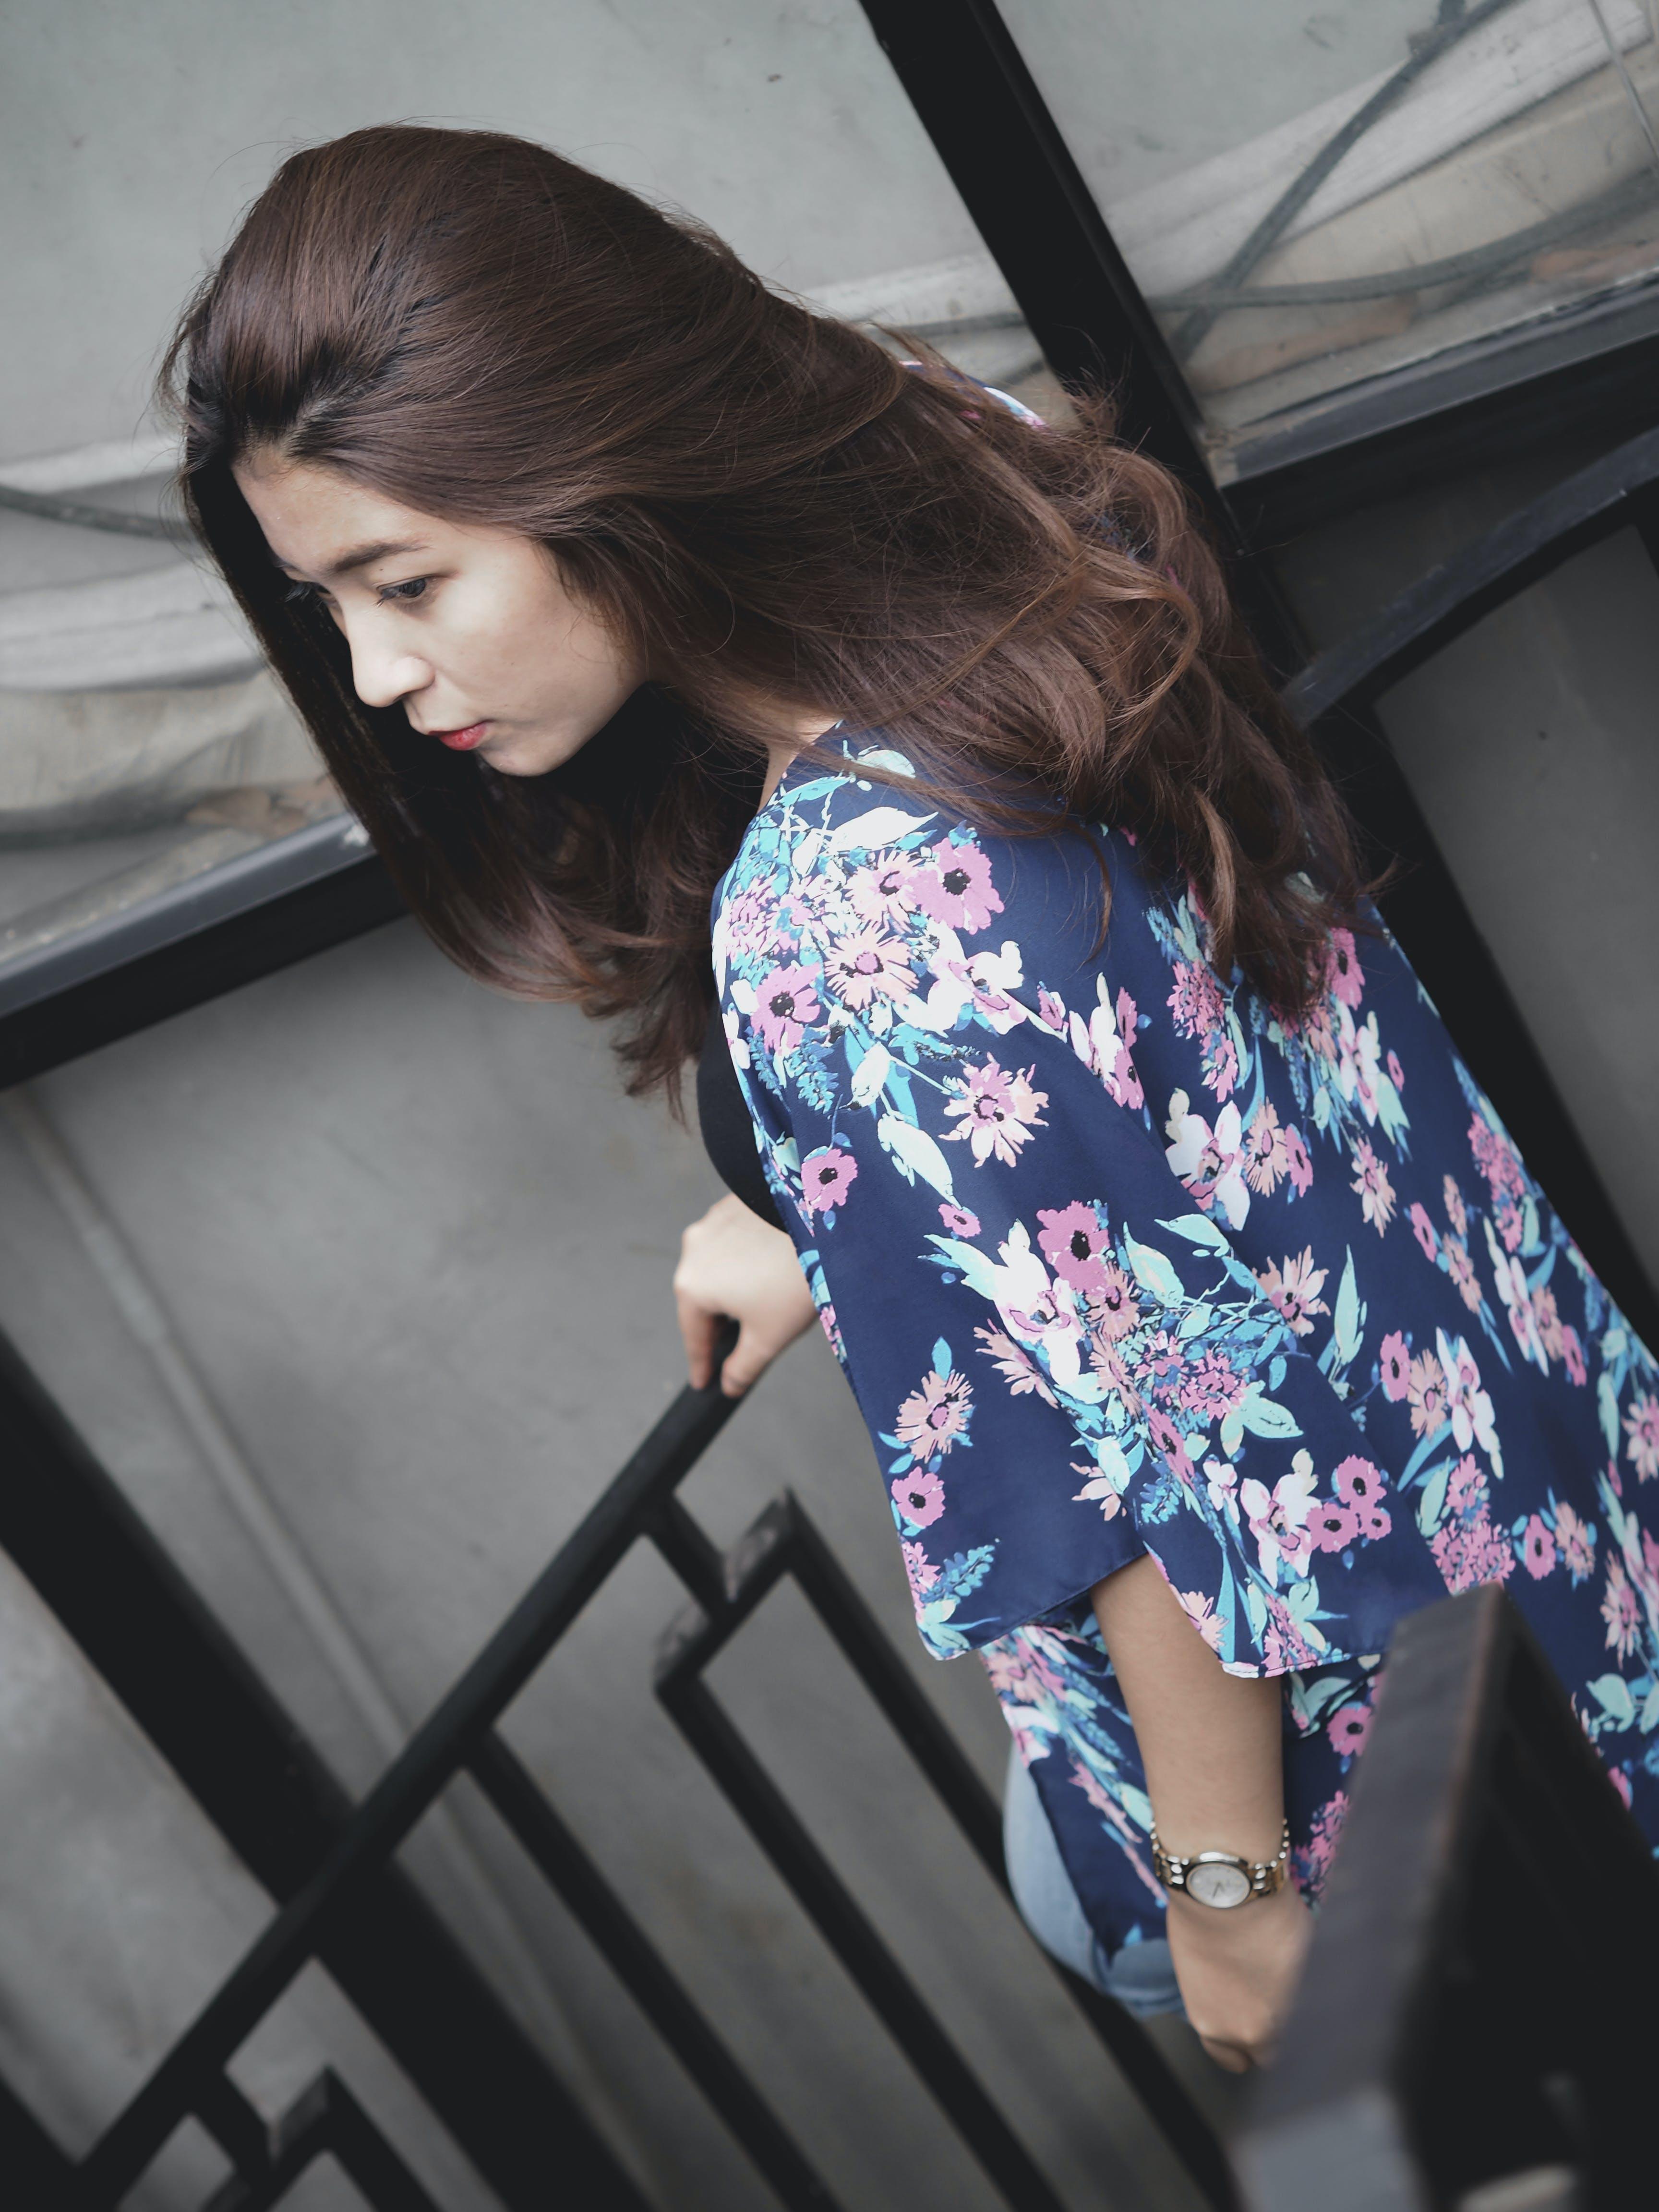 Photo of a Woman Wearing Floral Kimono